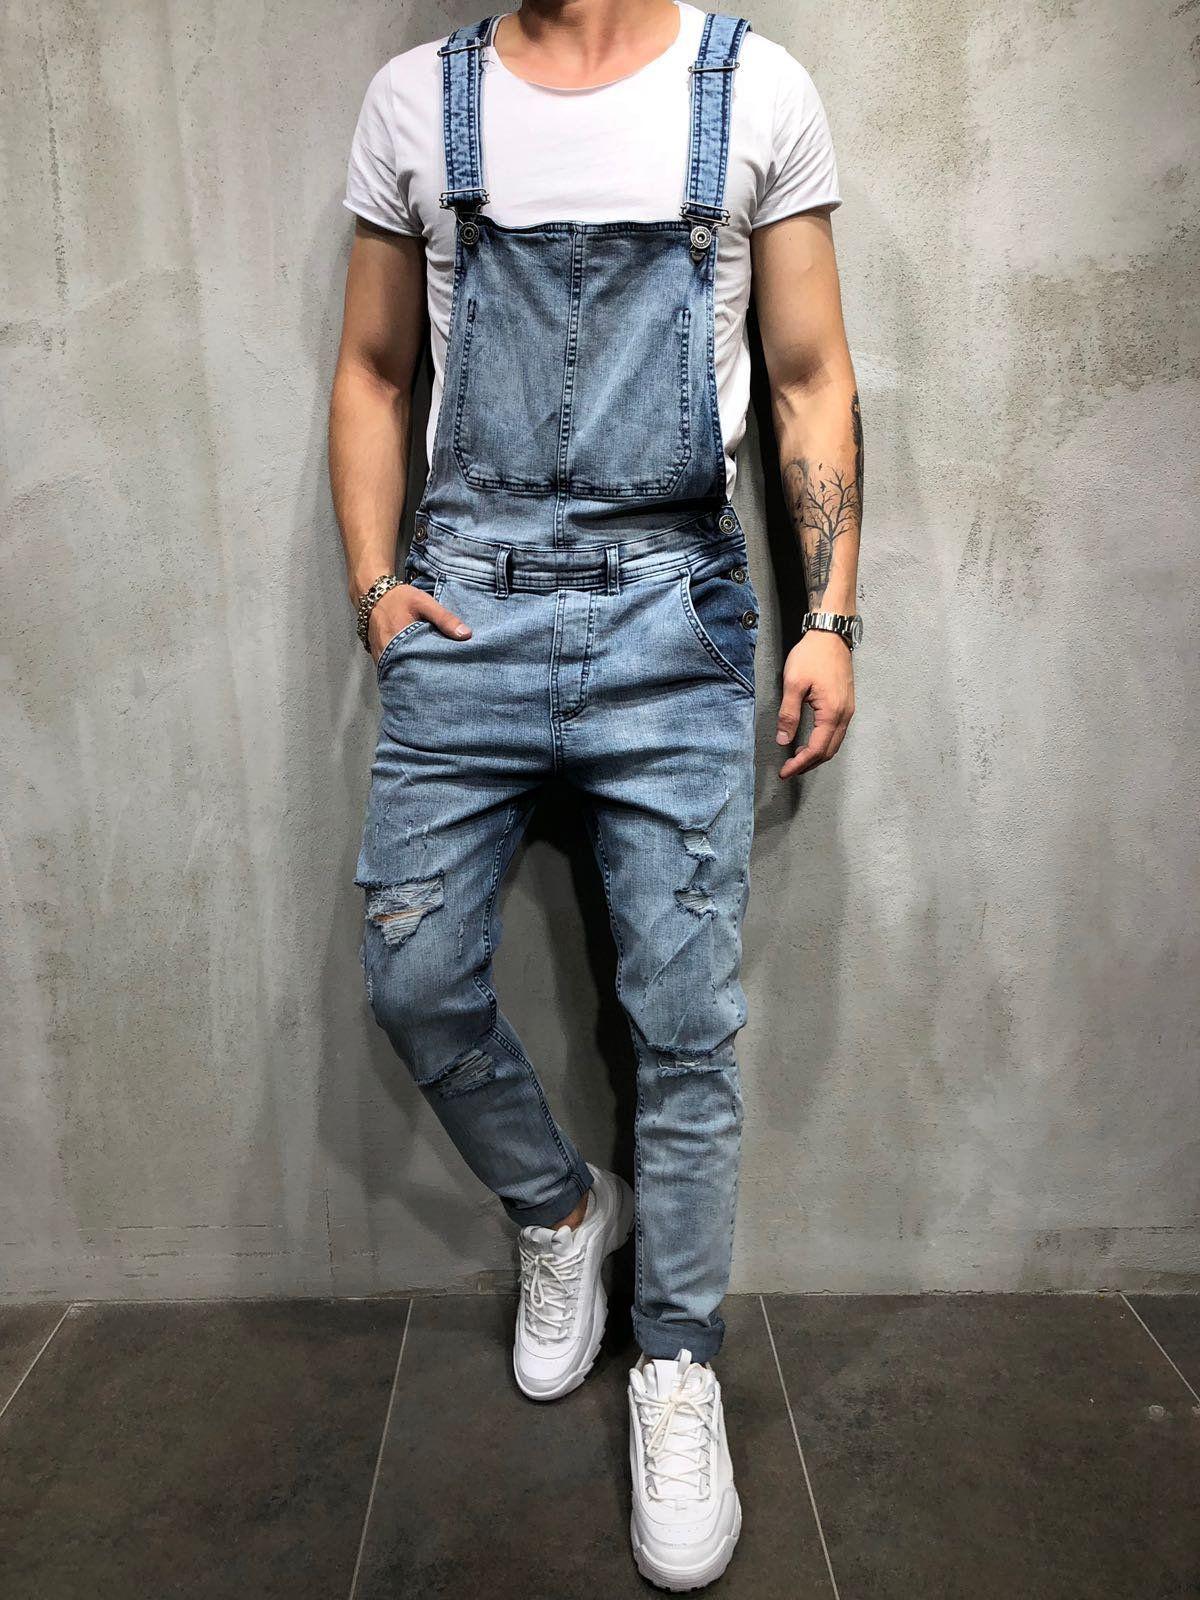 224b4f802ca0 Men Denim Overall Bib Jumper Jeans - Blue 3884  Mensoutfits ...